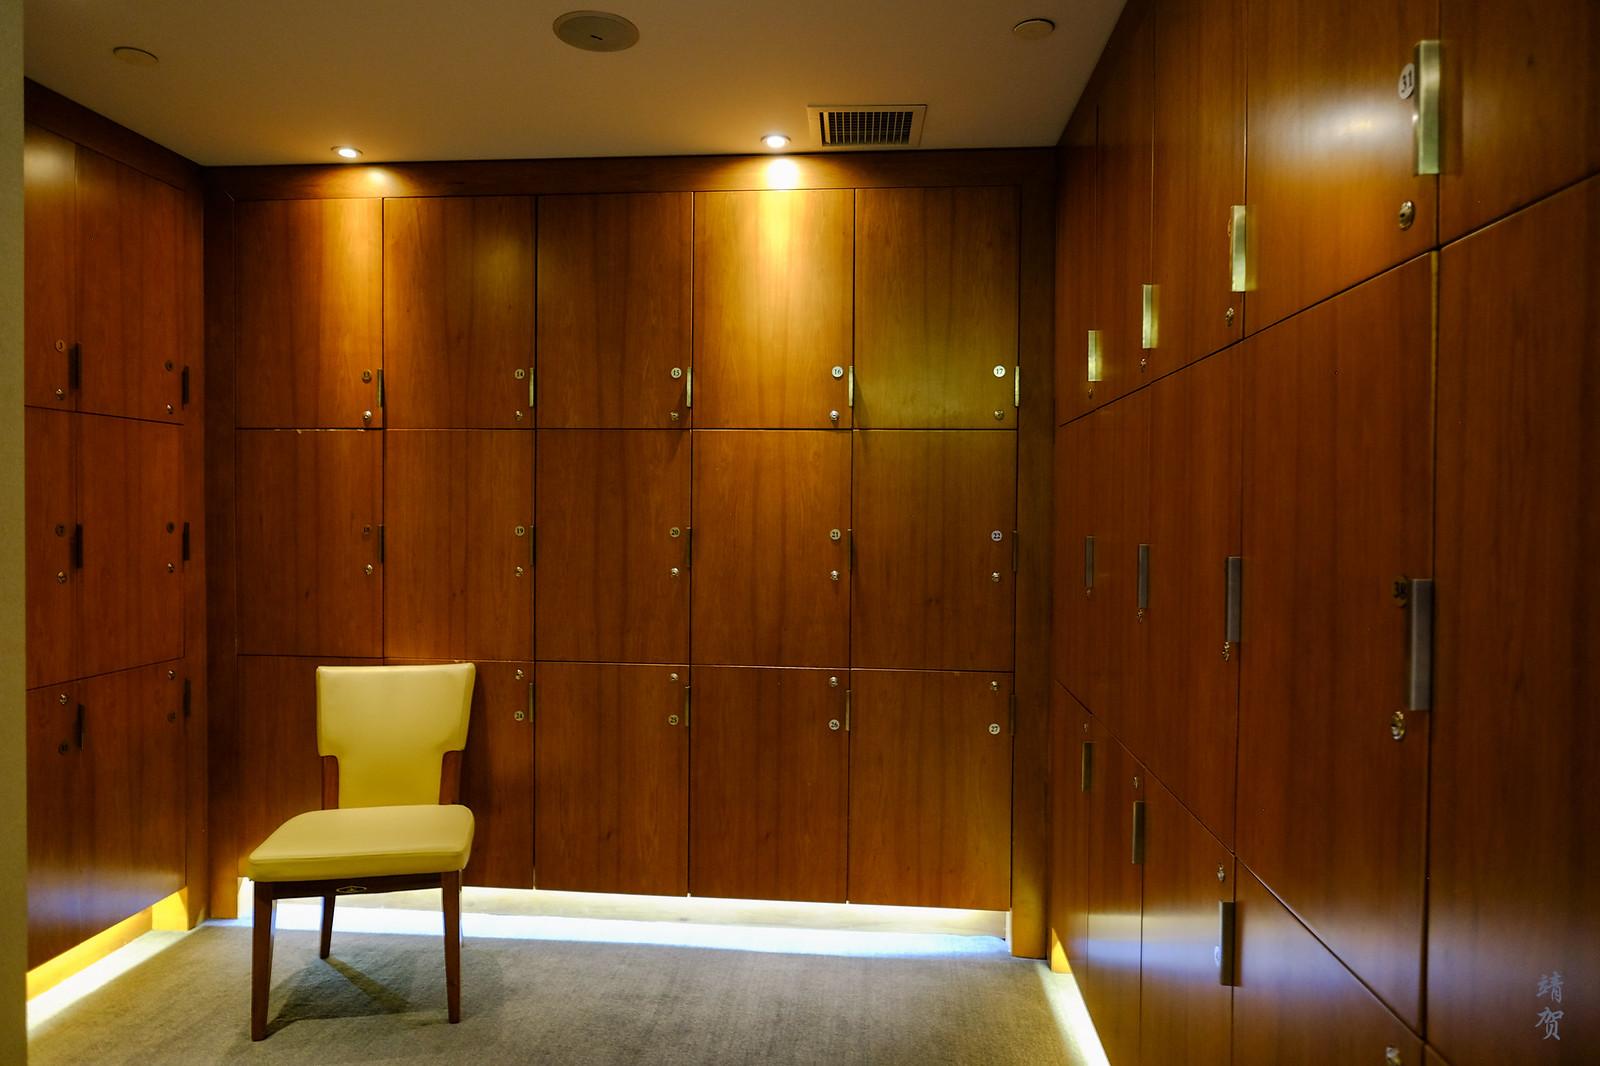 Locker room in the second floor